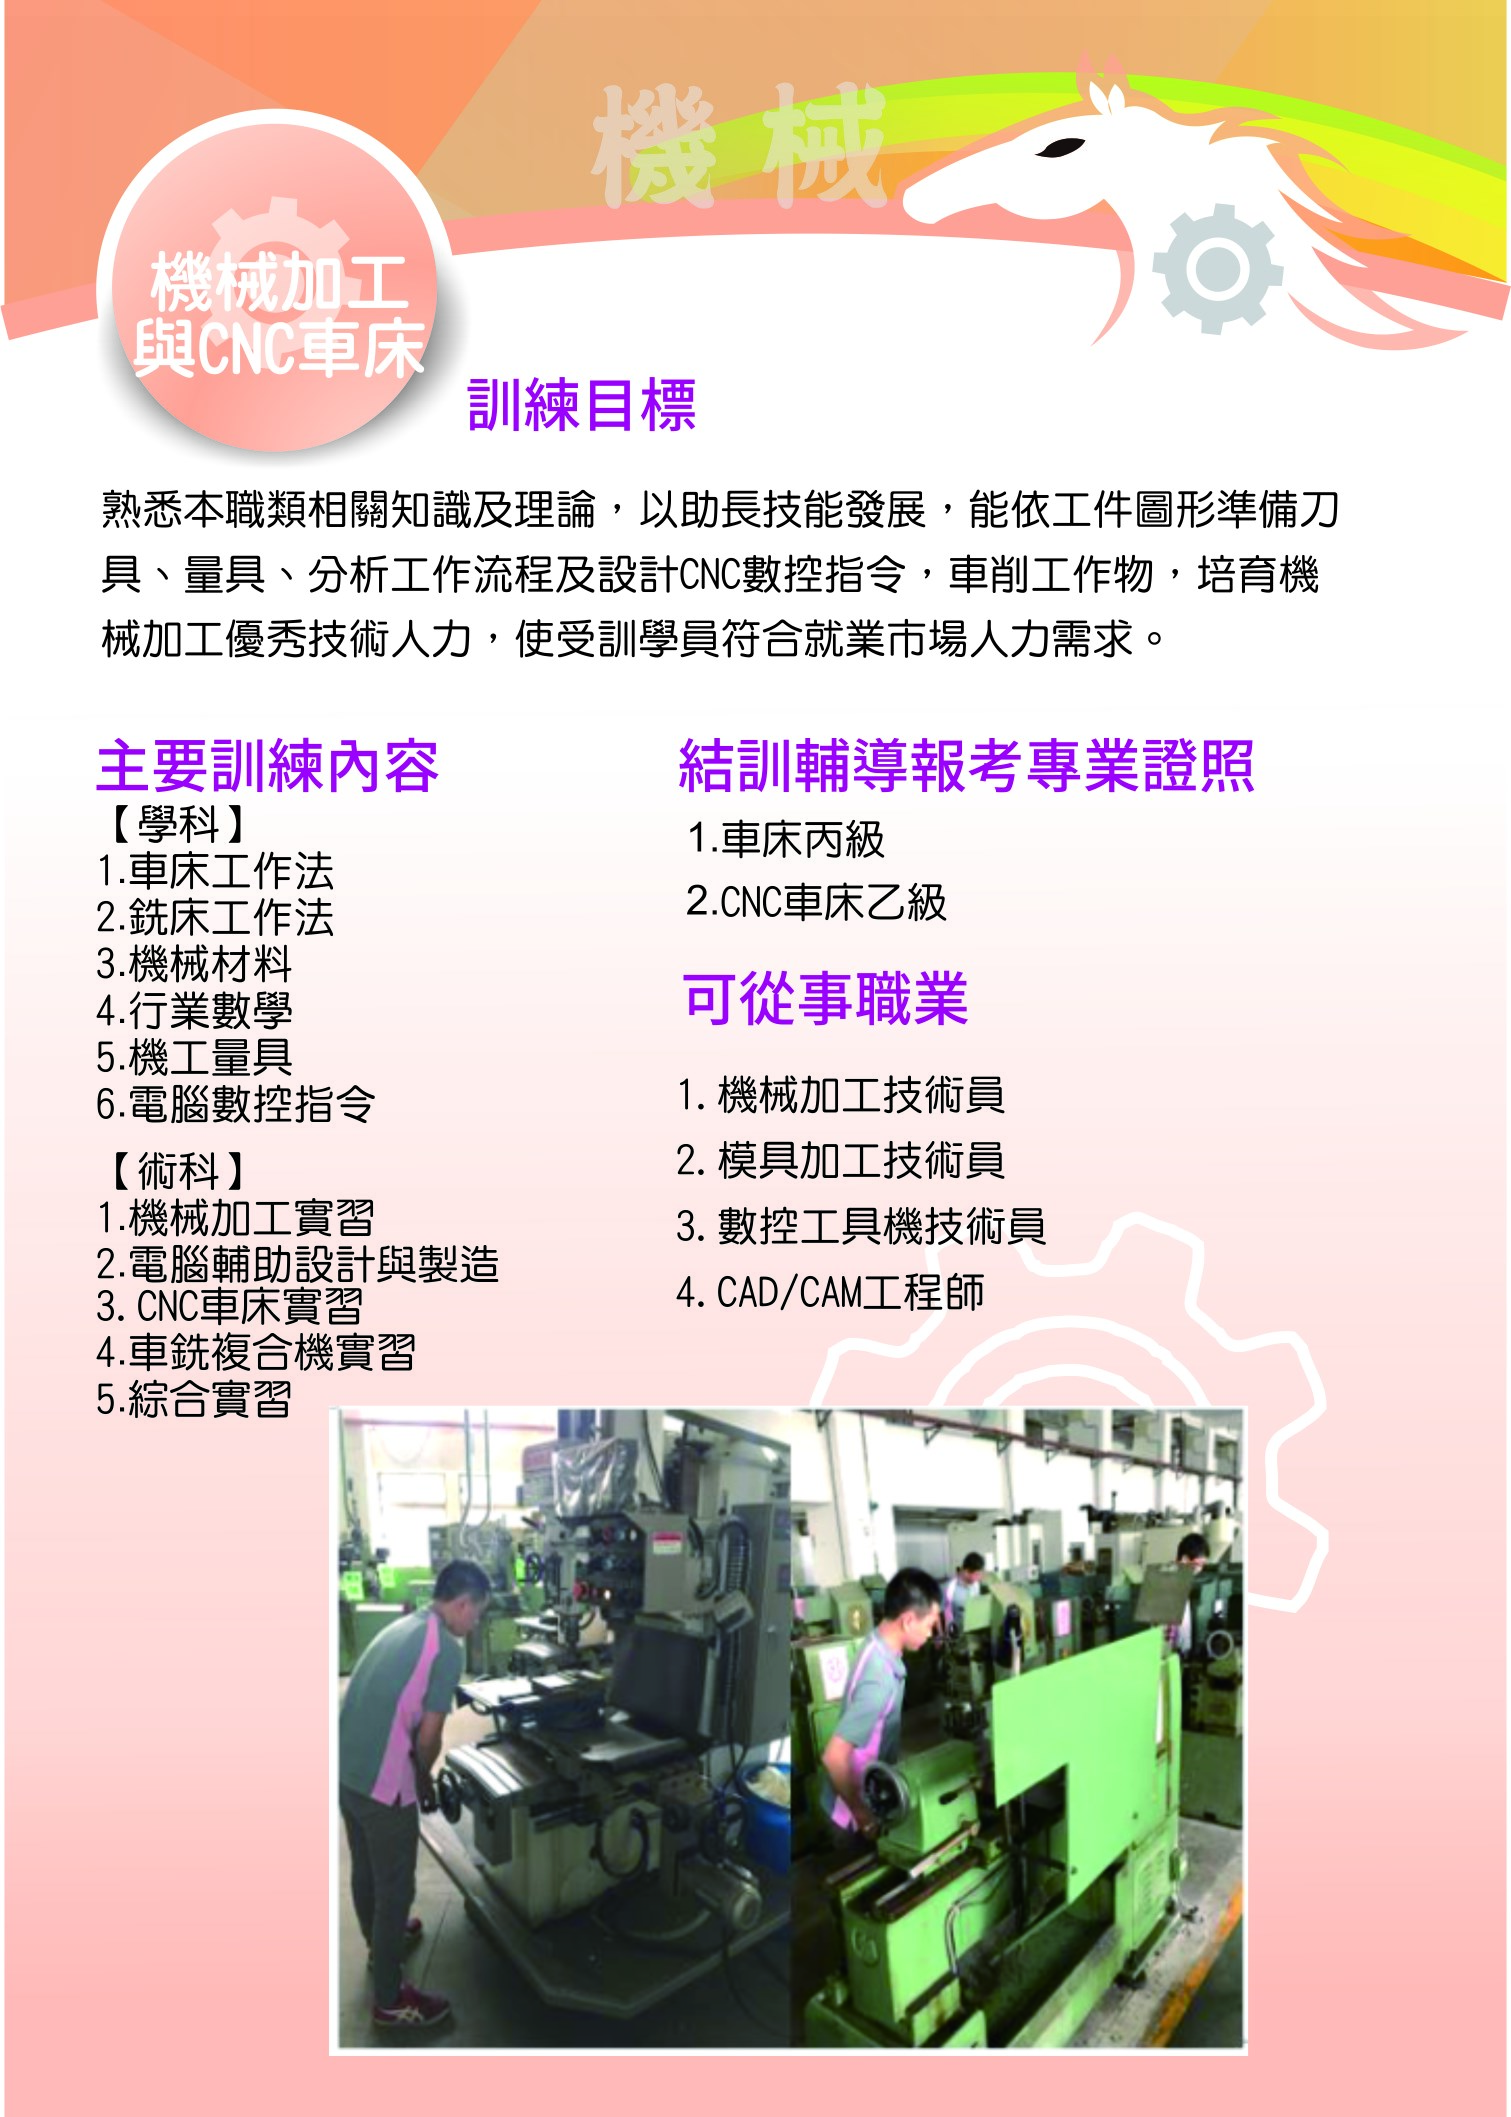 機械館機械加工與CNC車床